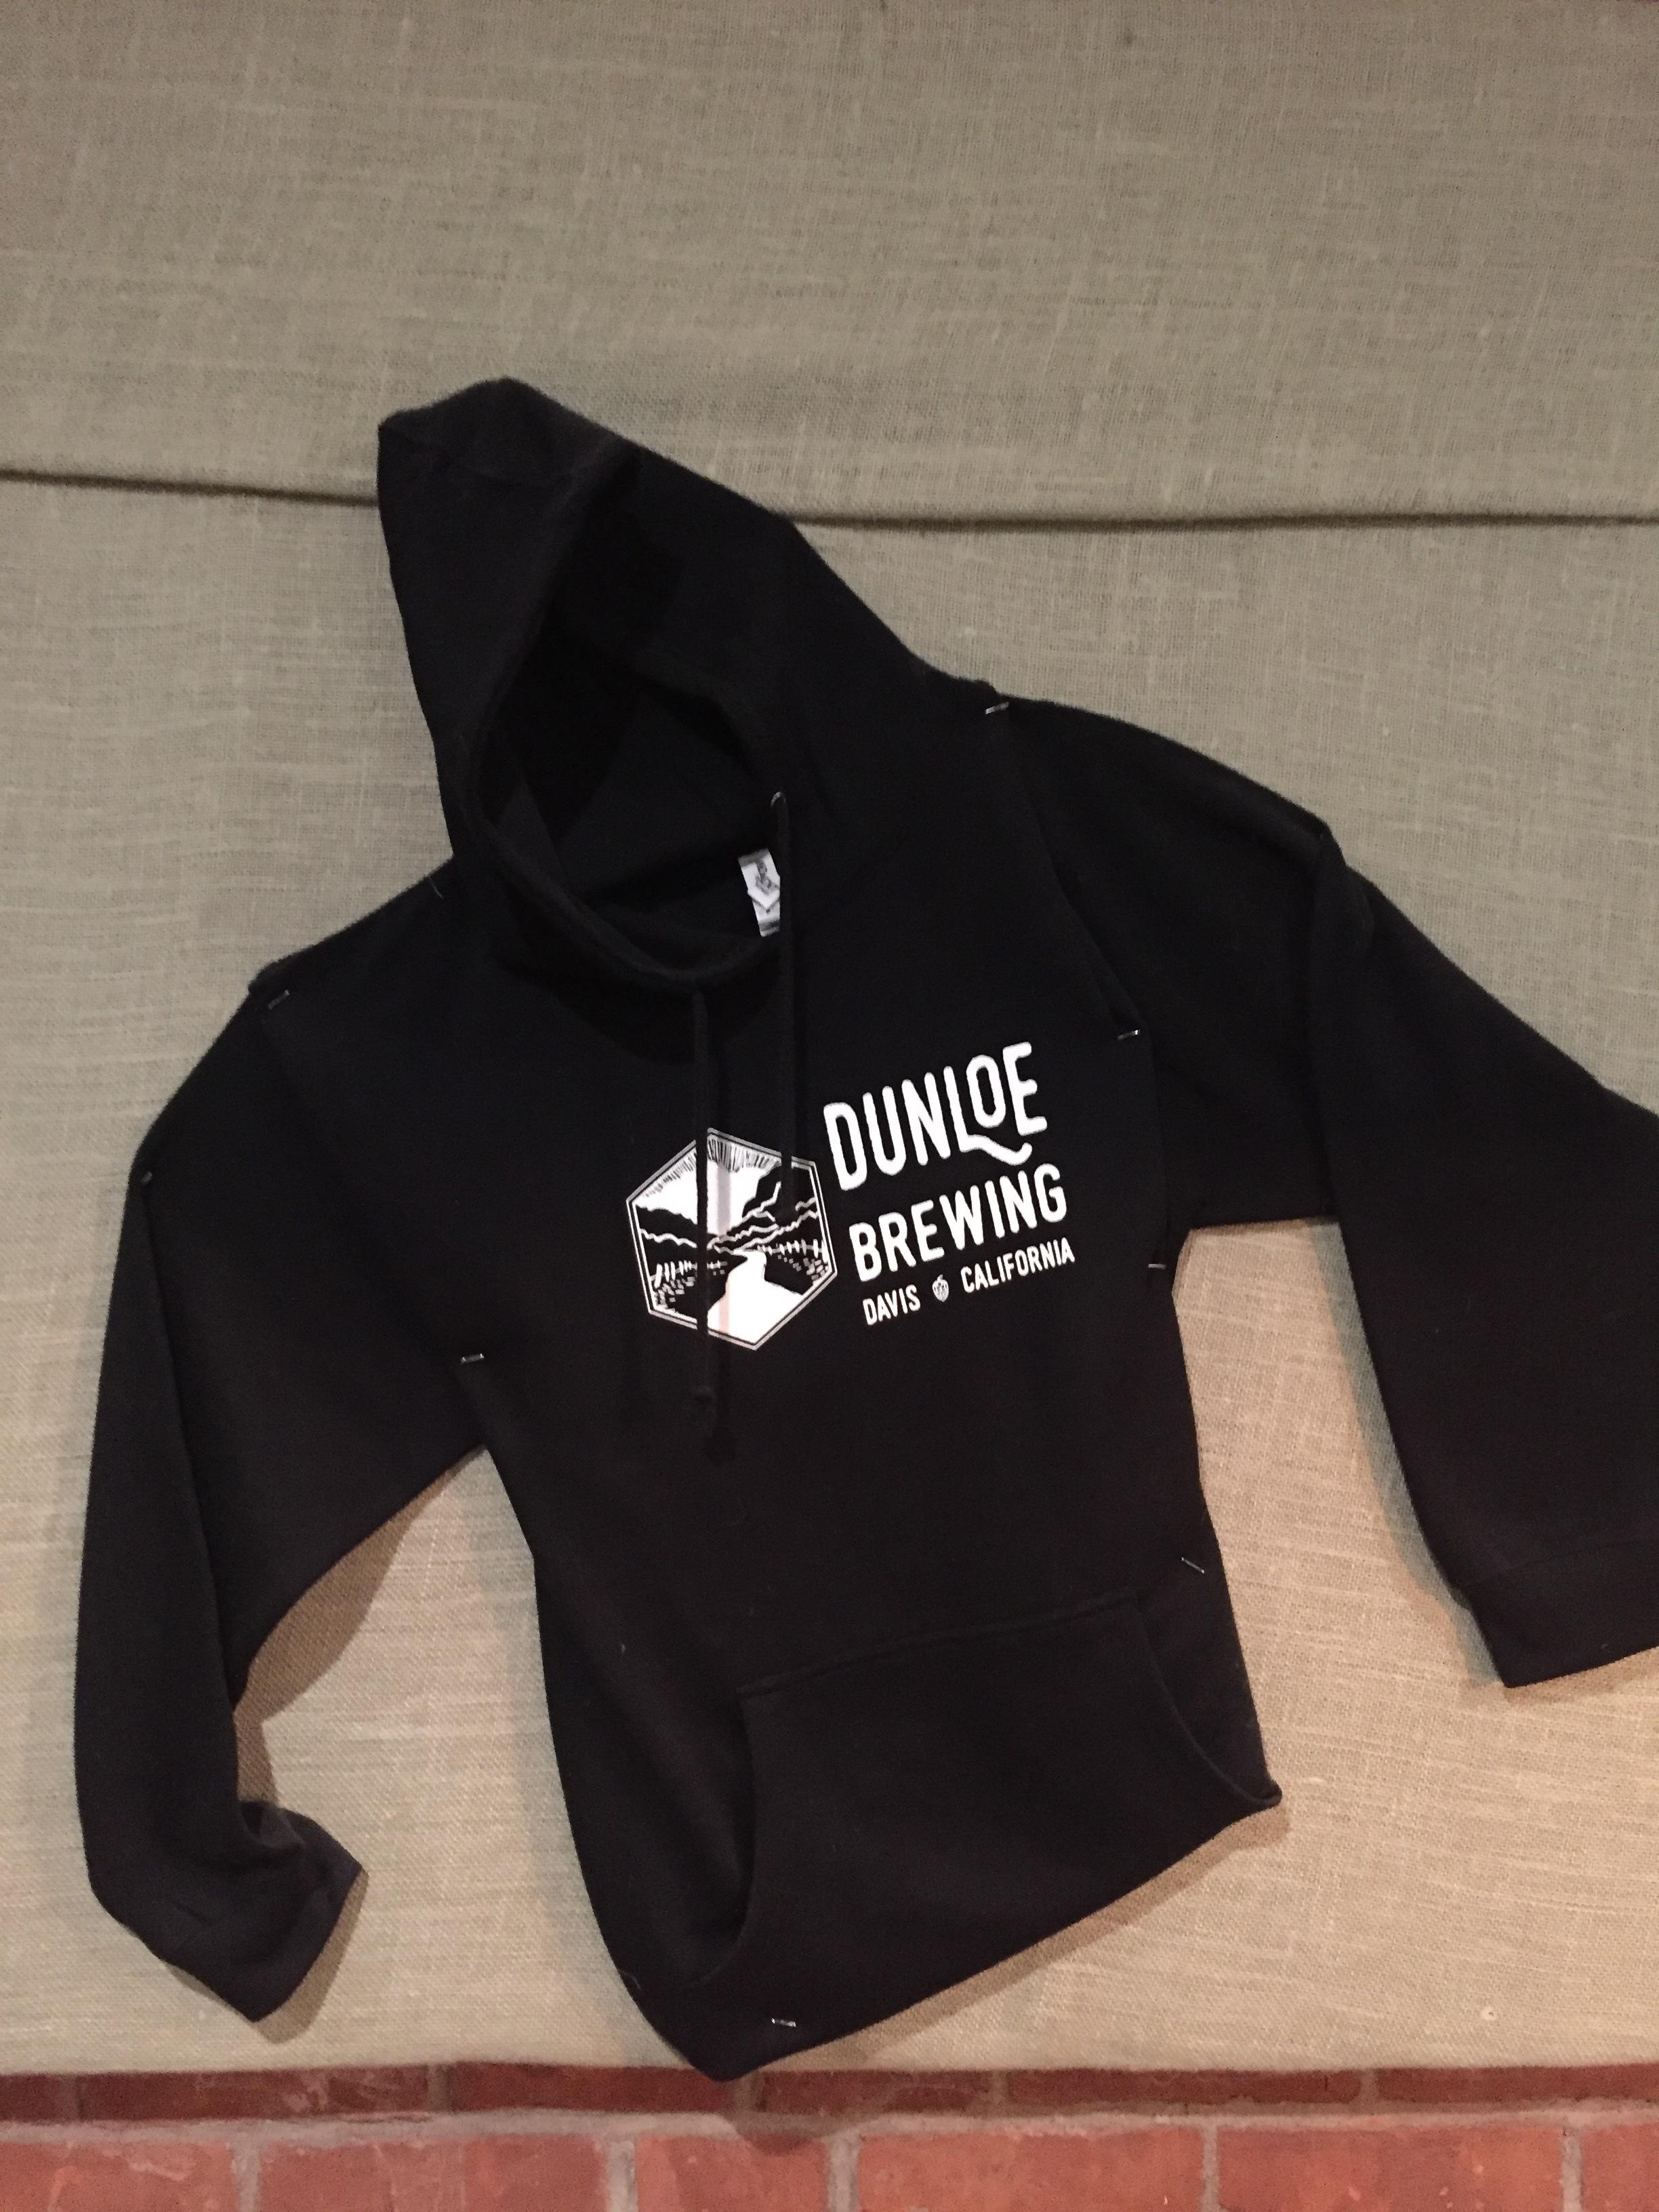 Sweatshirts - $30 | S, M, L, XL, XXLAvailable in black